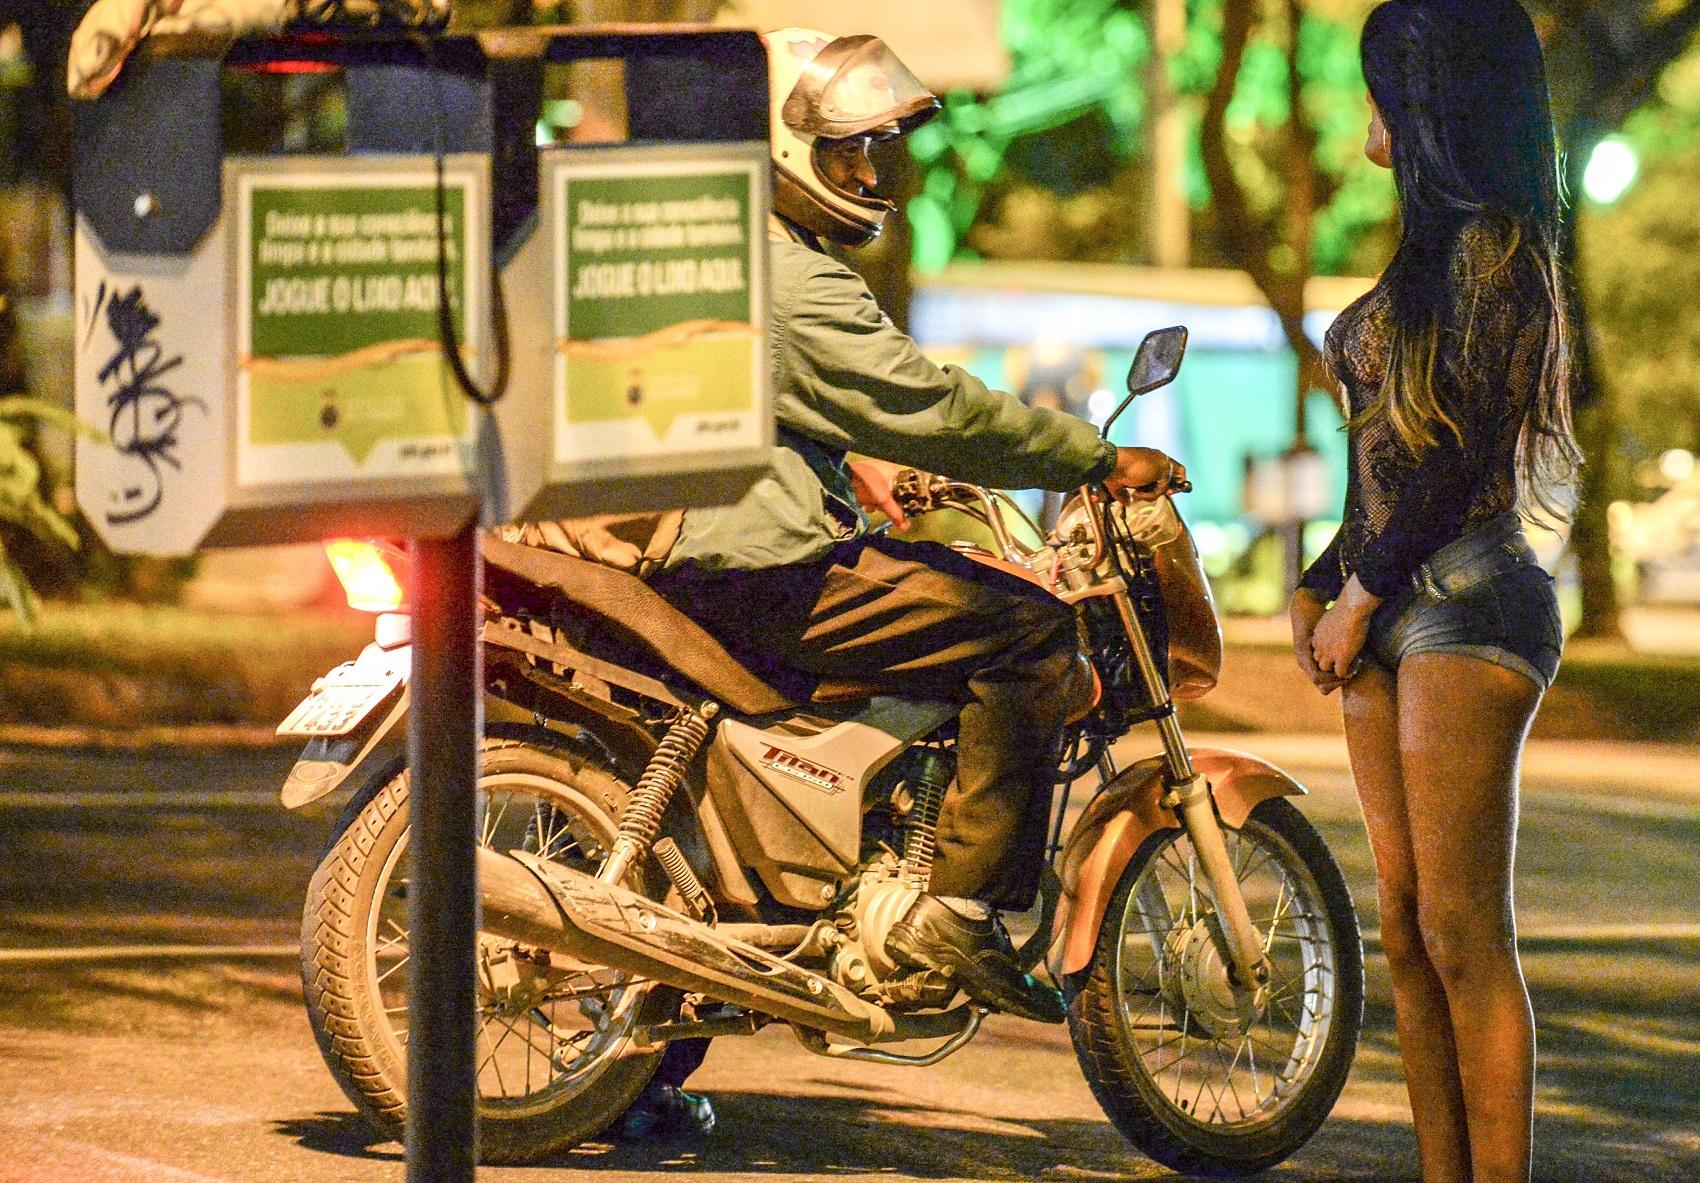 Prostituta conversa com cliente em Belo Horizonte (Foto: VANDERLEI ALMEIDA / AFP)